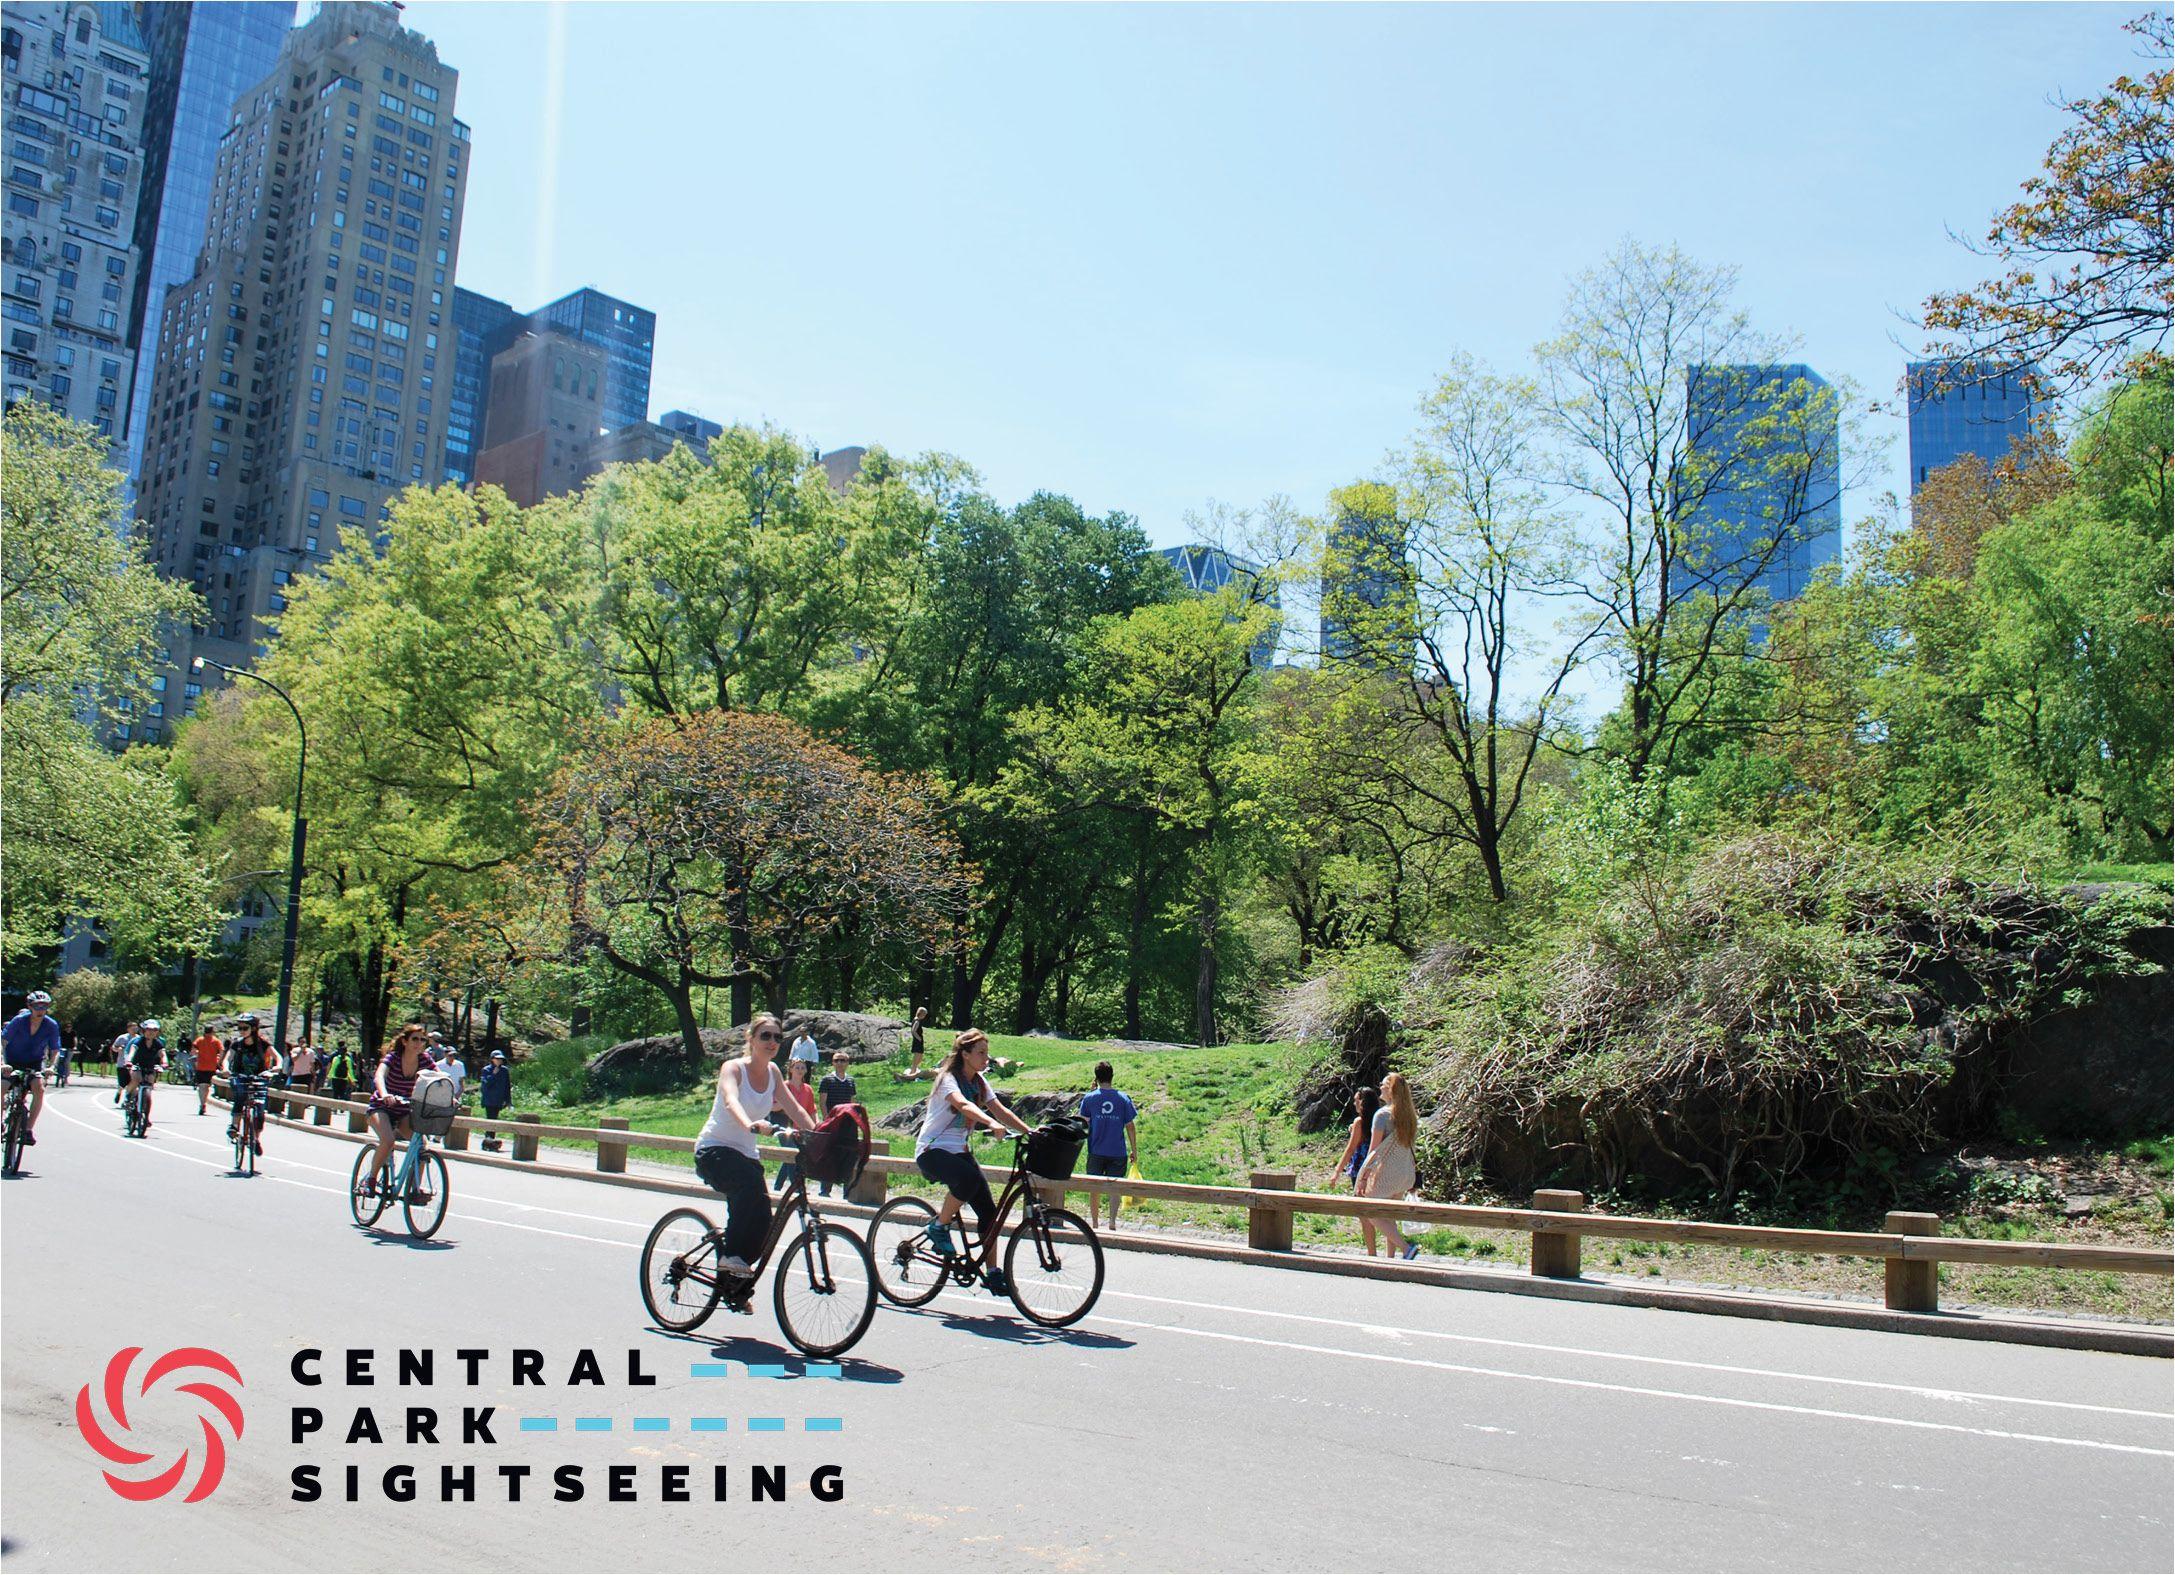 Central Park Sightseeing Bike Rentals Www Centralparksightseeing